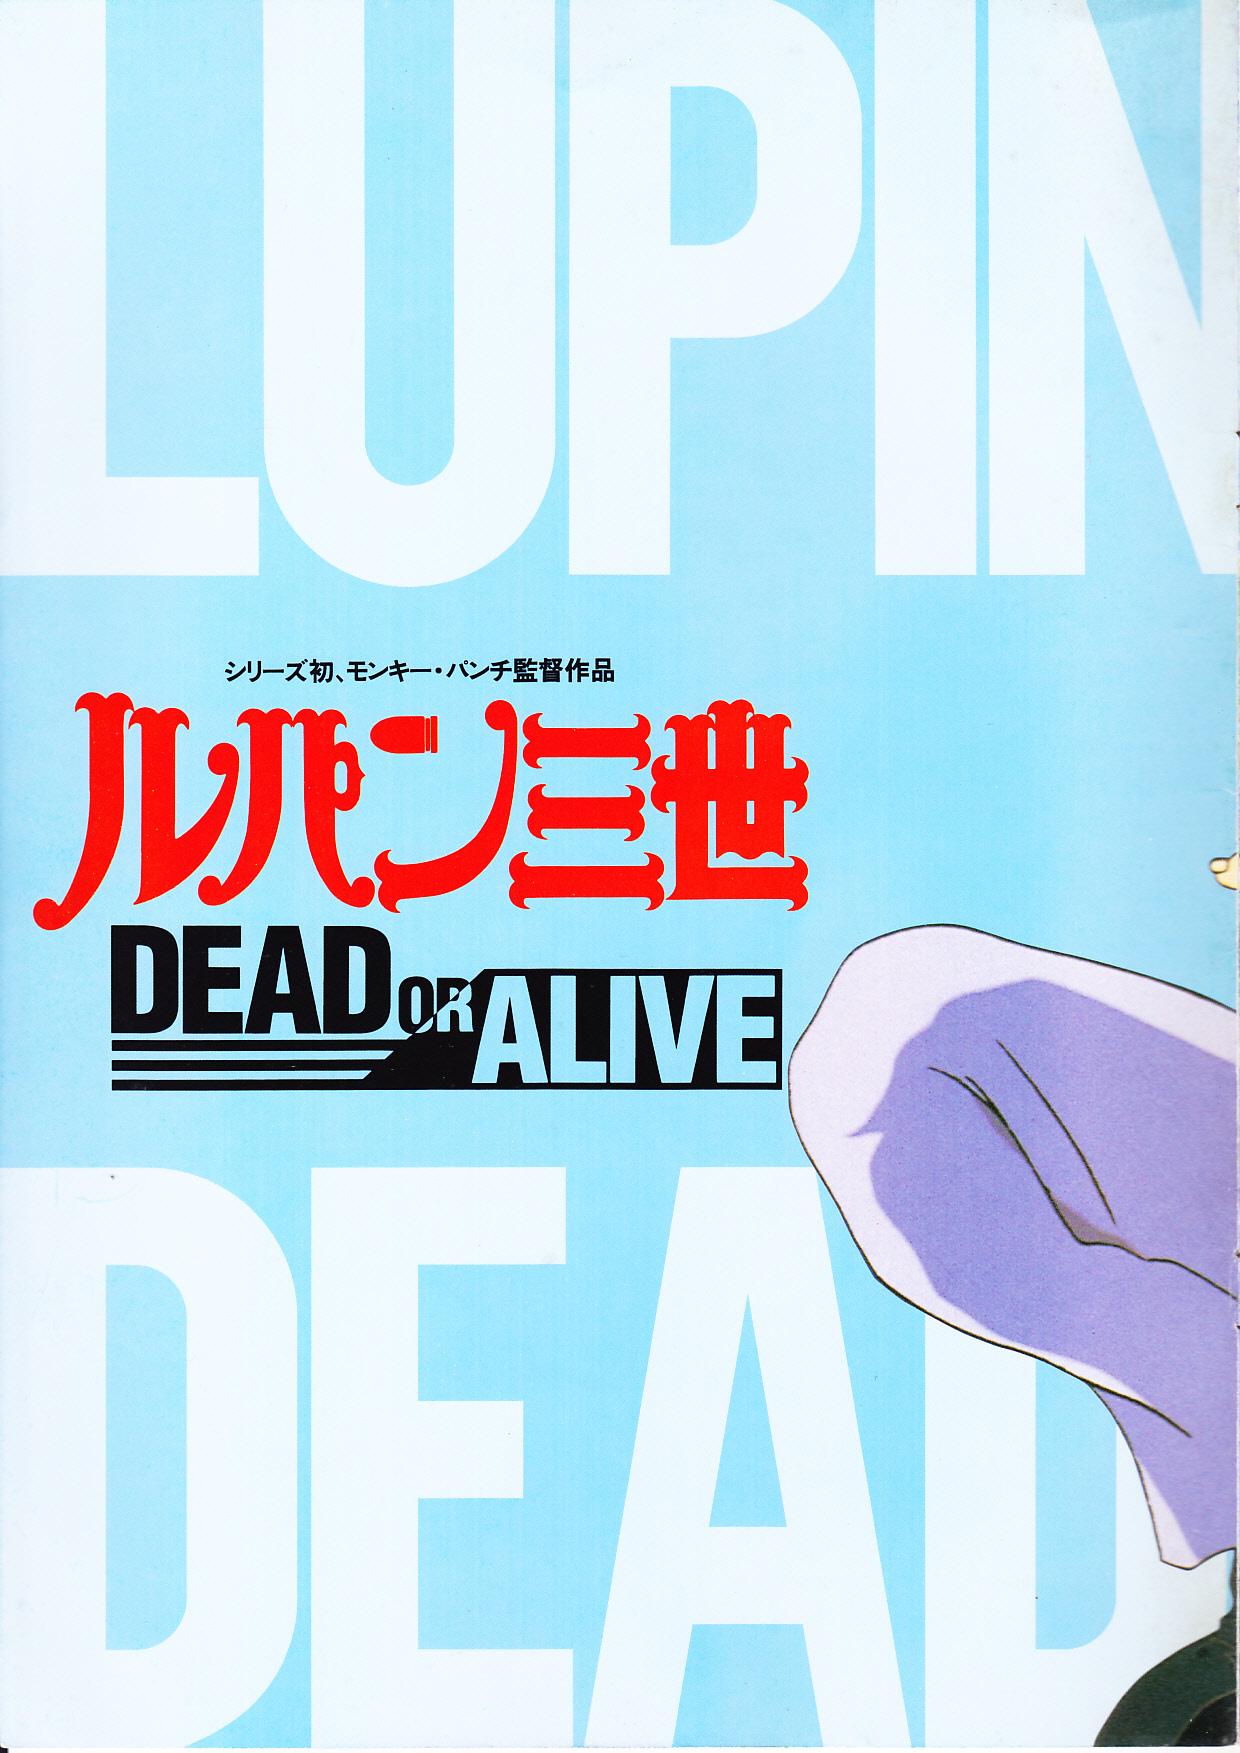 ルパン三世 dead or alive 銭形